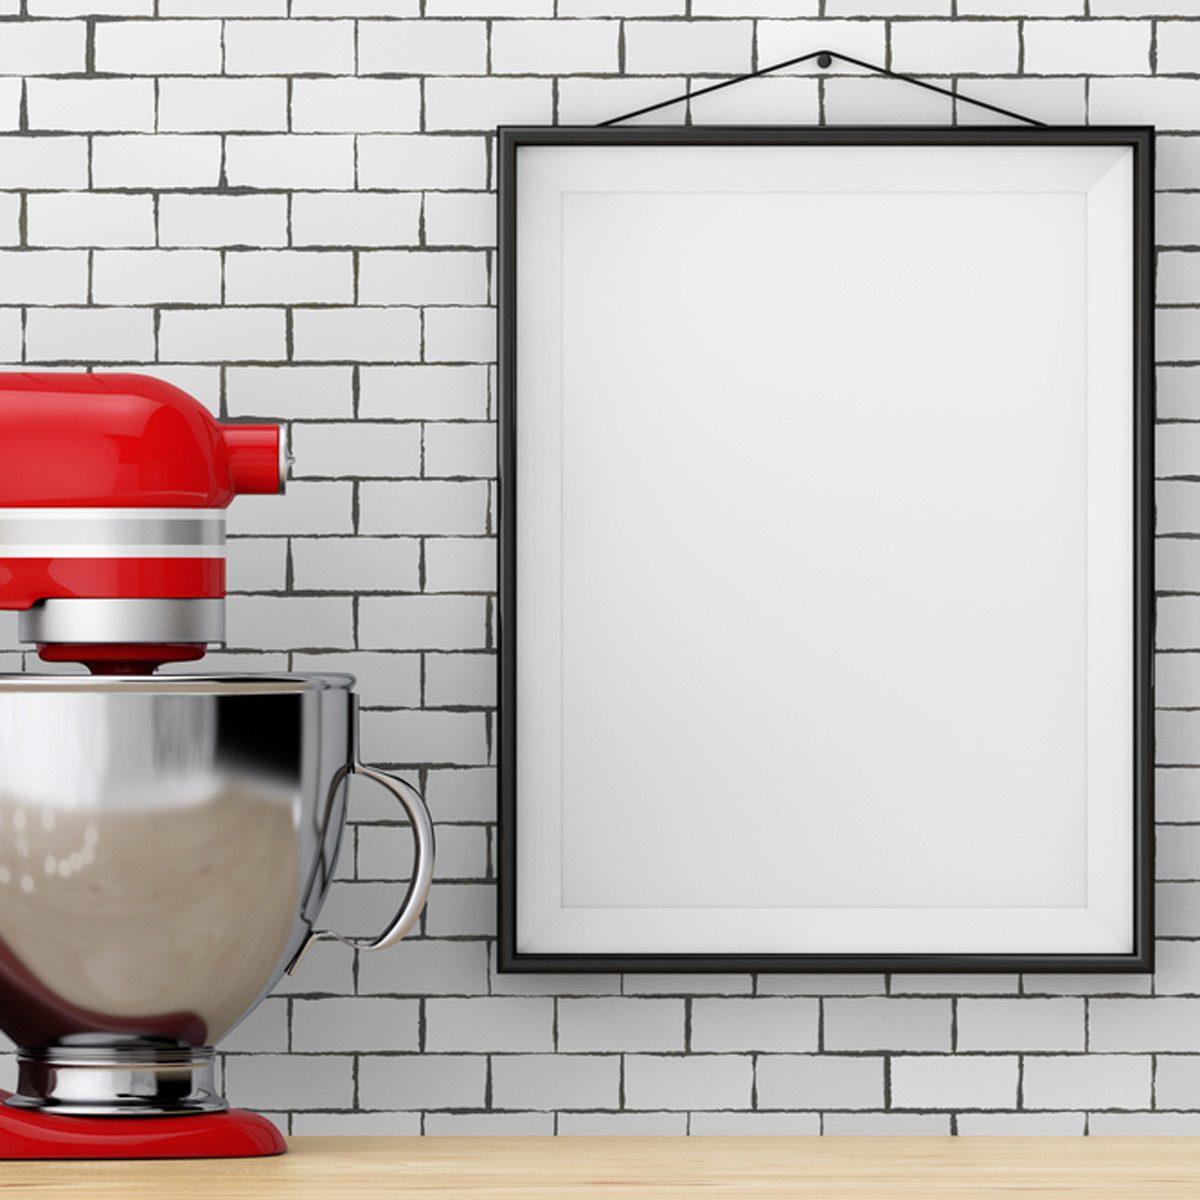 Kitchen Weekly Menu Planner